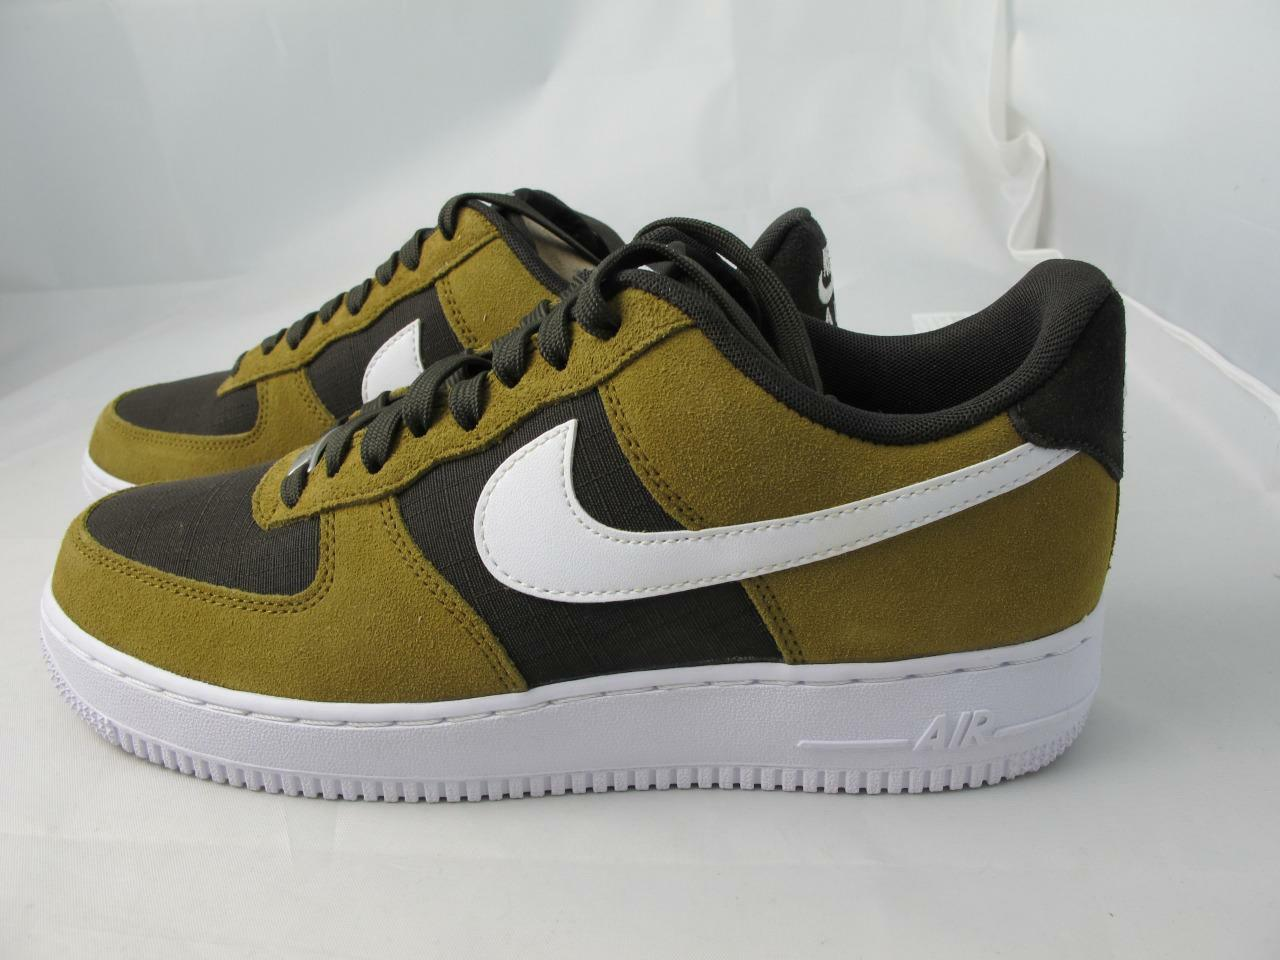 nike air force 1 golden tan mens formatori 488298 207 12 ebay